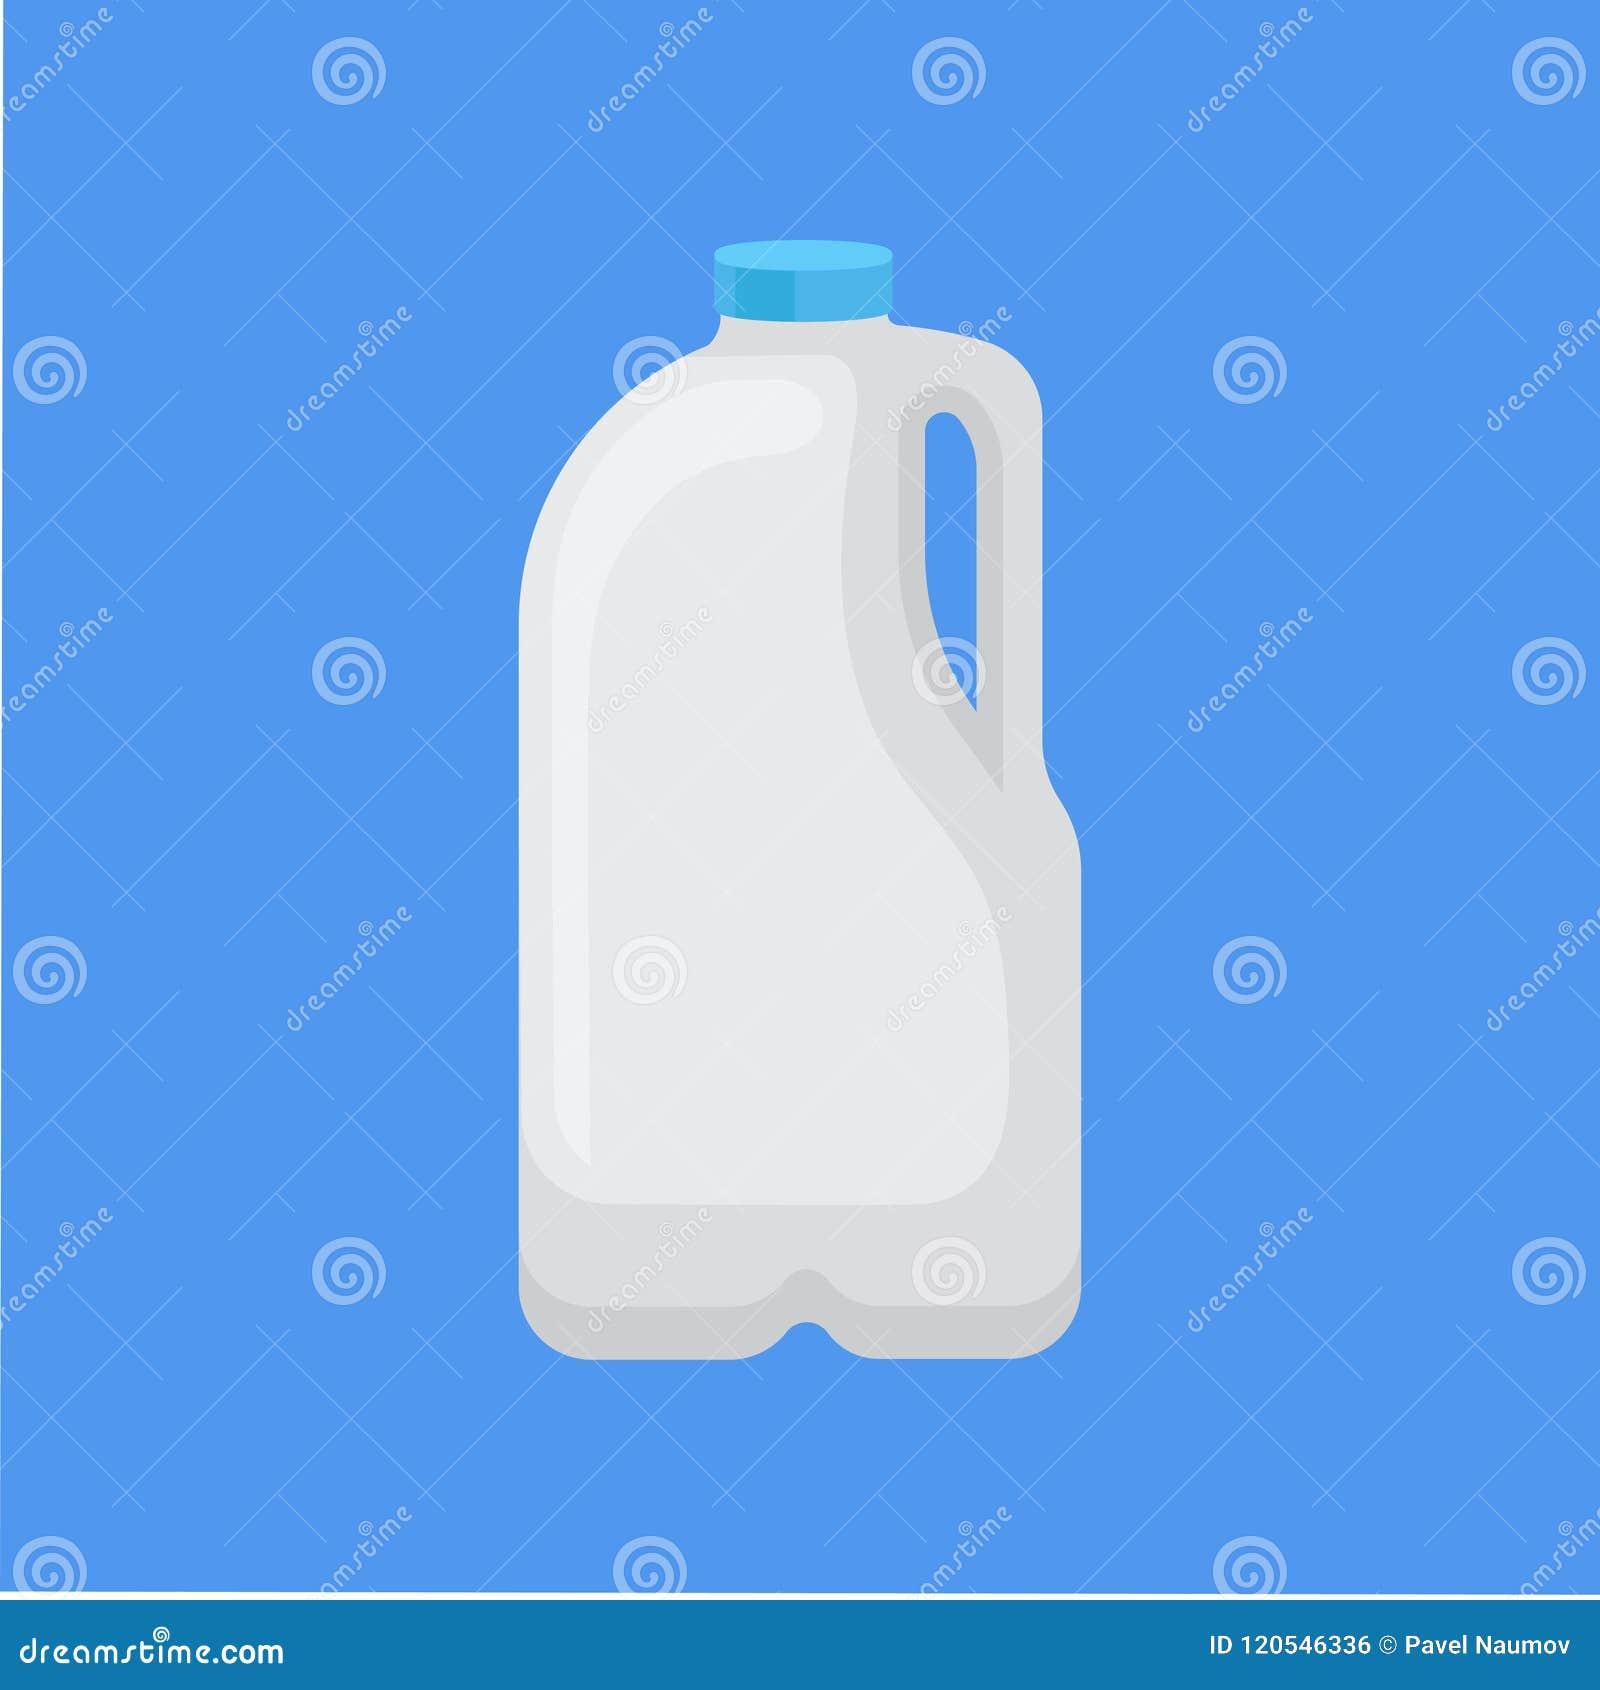 Milchprodukt in der Plastikverpackung, Gallone von Milchvektor Illustration in der flachen Art